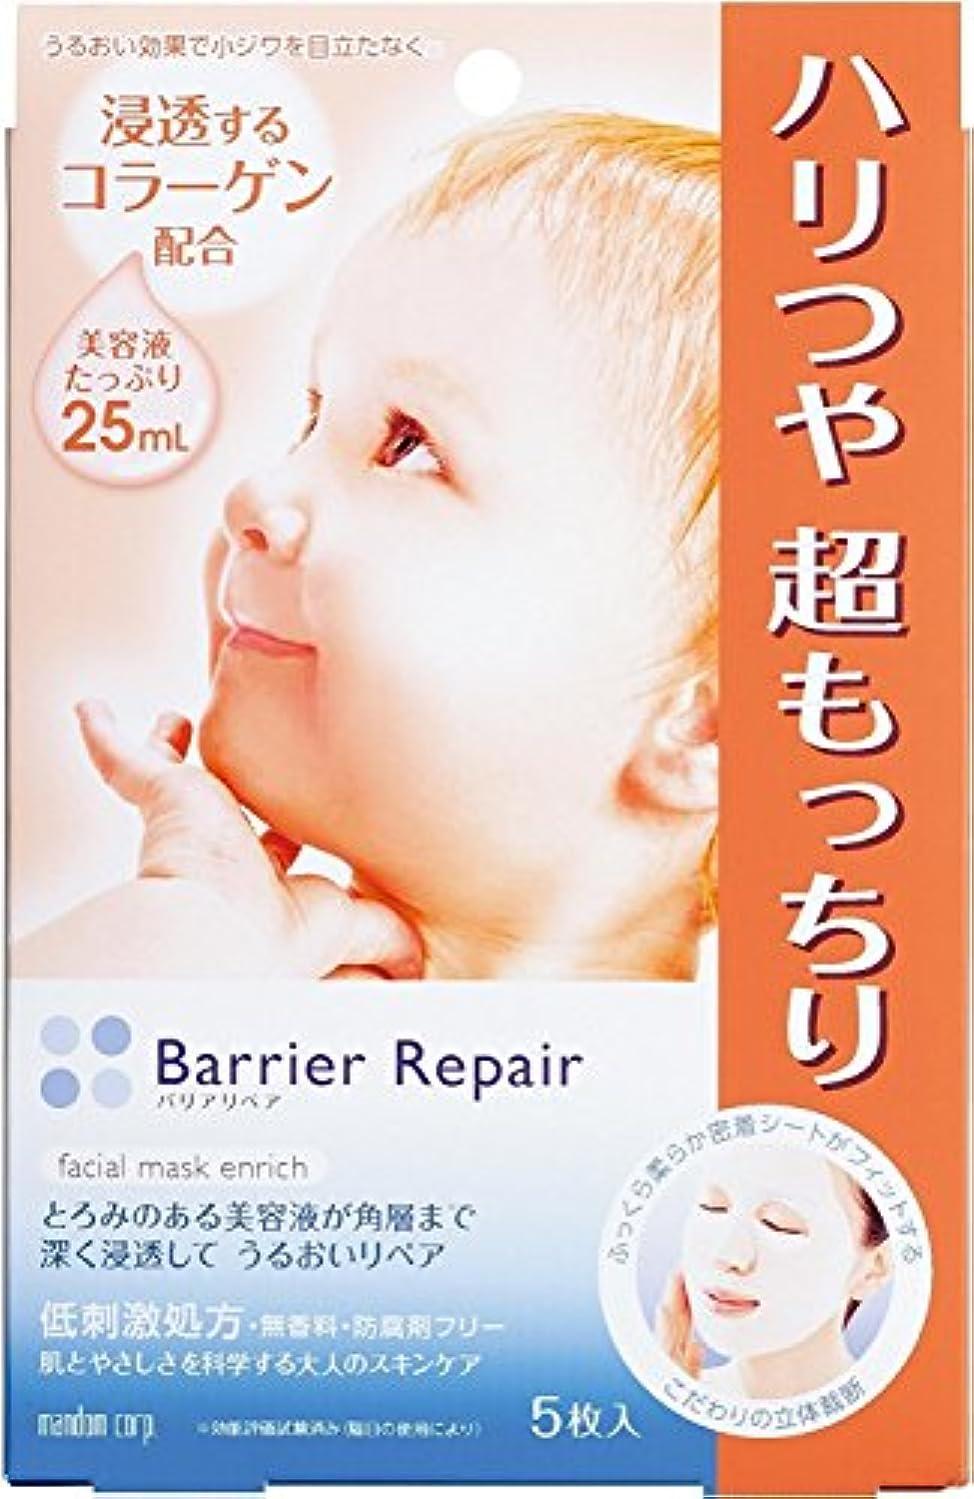 ヘルメット慢性的もっともらしいマンダム バリアリペア(Barrier Repair) シートマスク もっちり ×6個セット